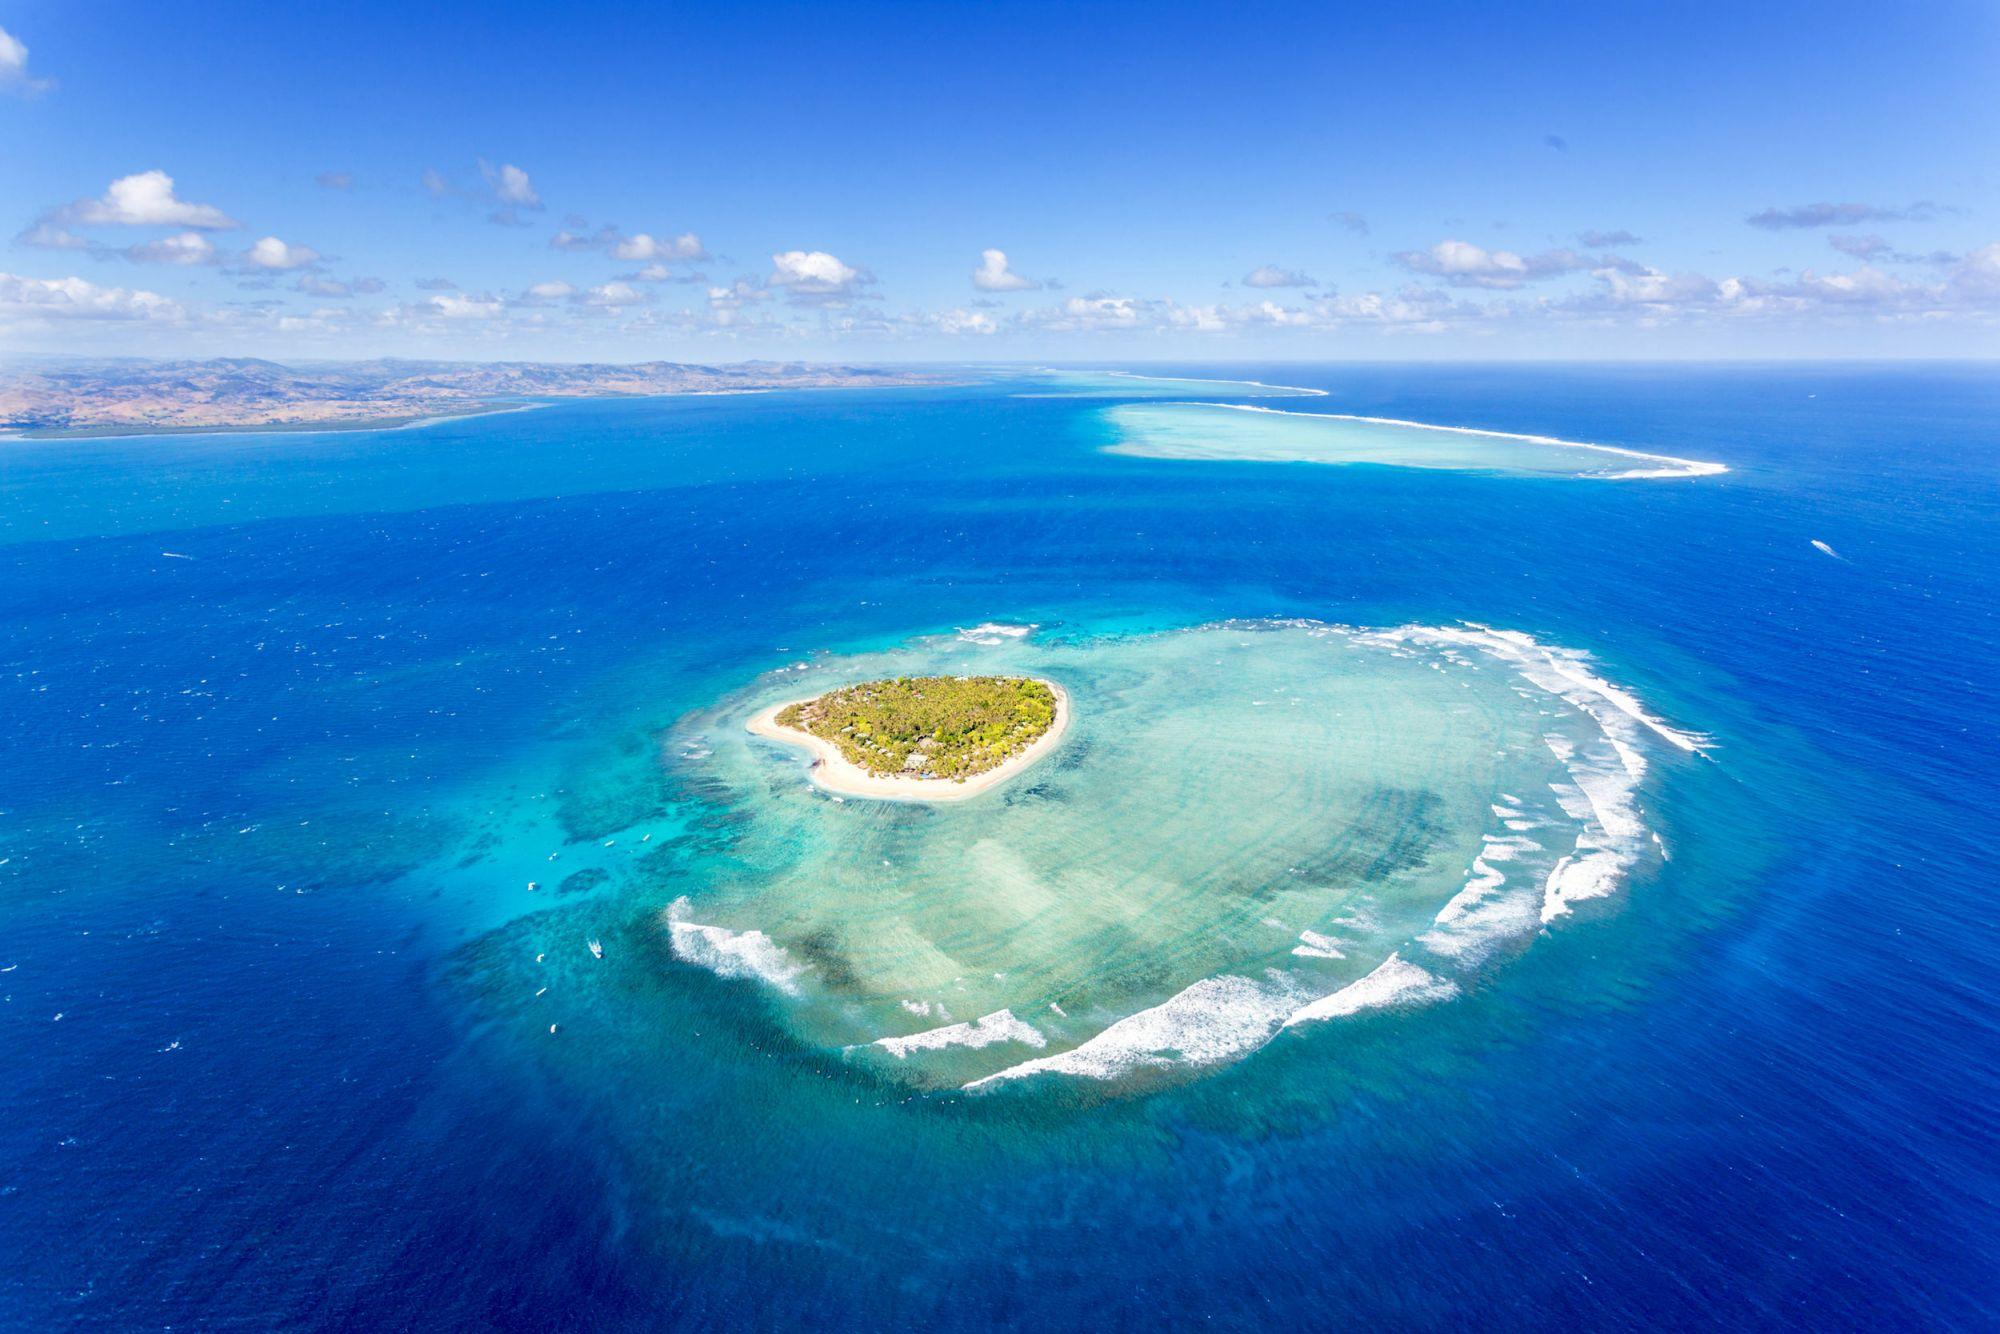 Le Sette Isole Più Remote Delloceano Pacifico Lonely Planet